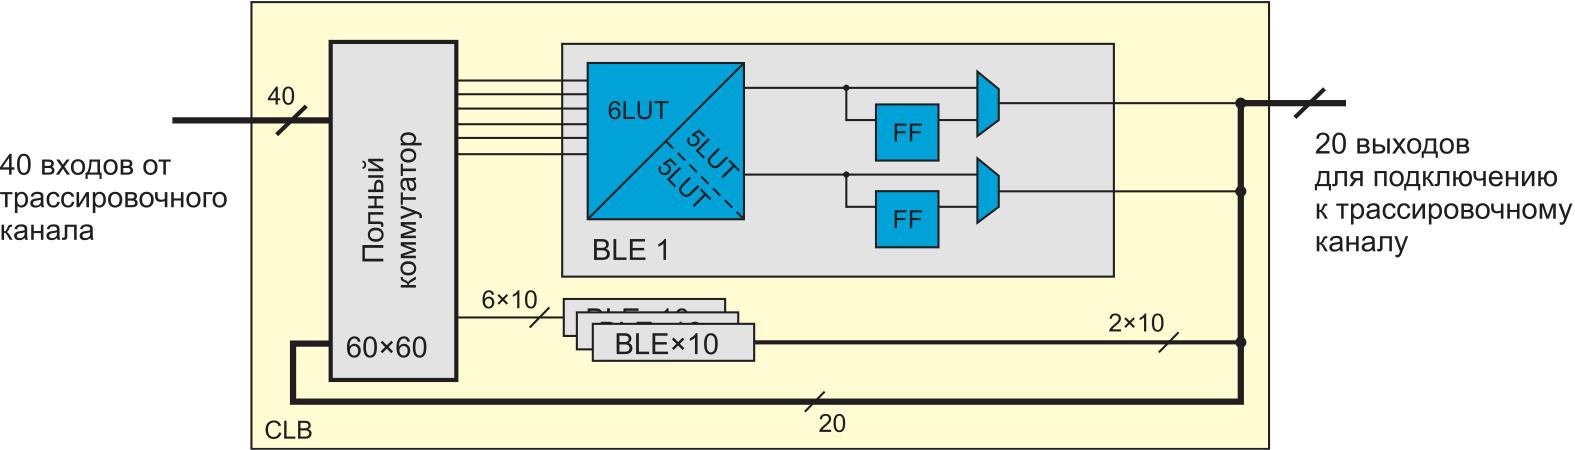 КЛБ в САПР VTR 8.0. Внутрикластерная коммутация реализуется с использованием полных коммутаторов